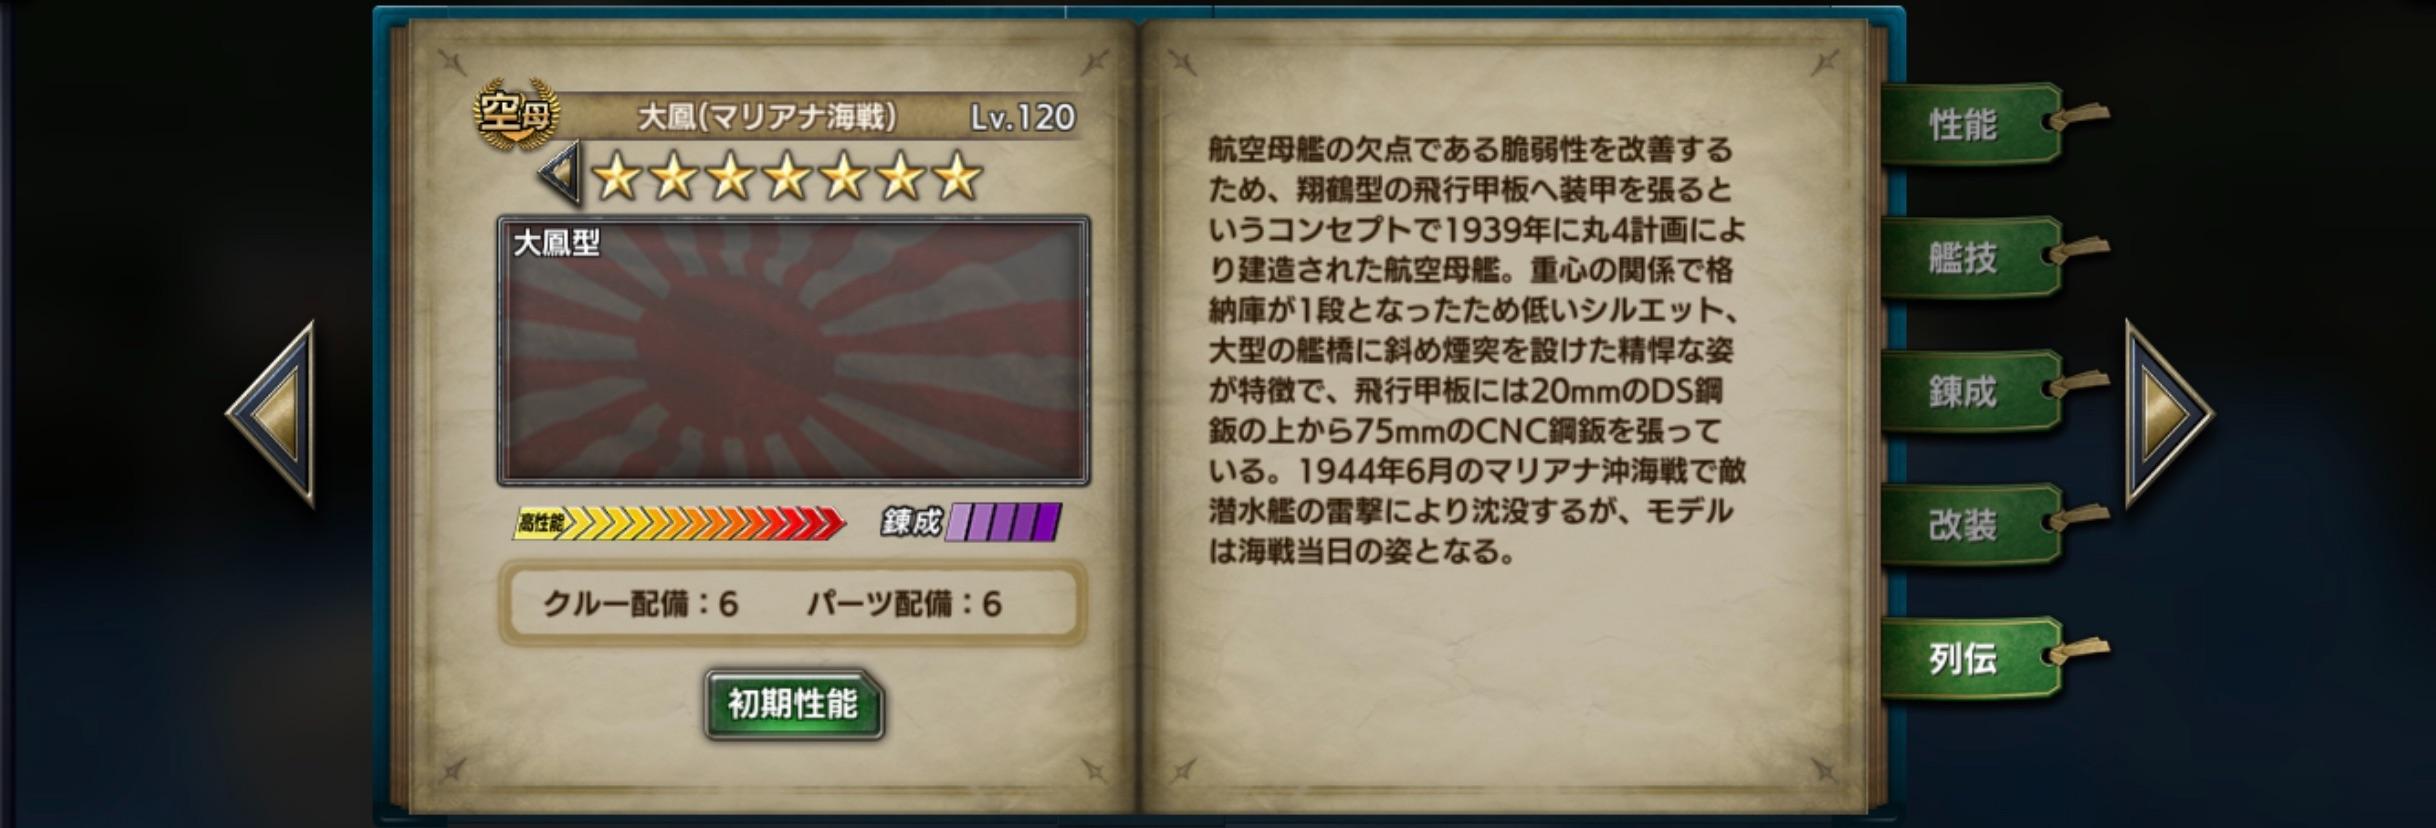 Taiho-history